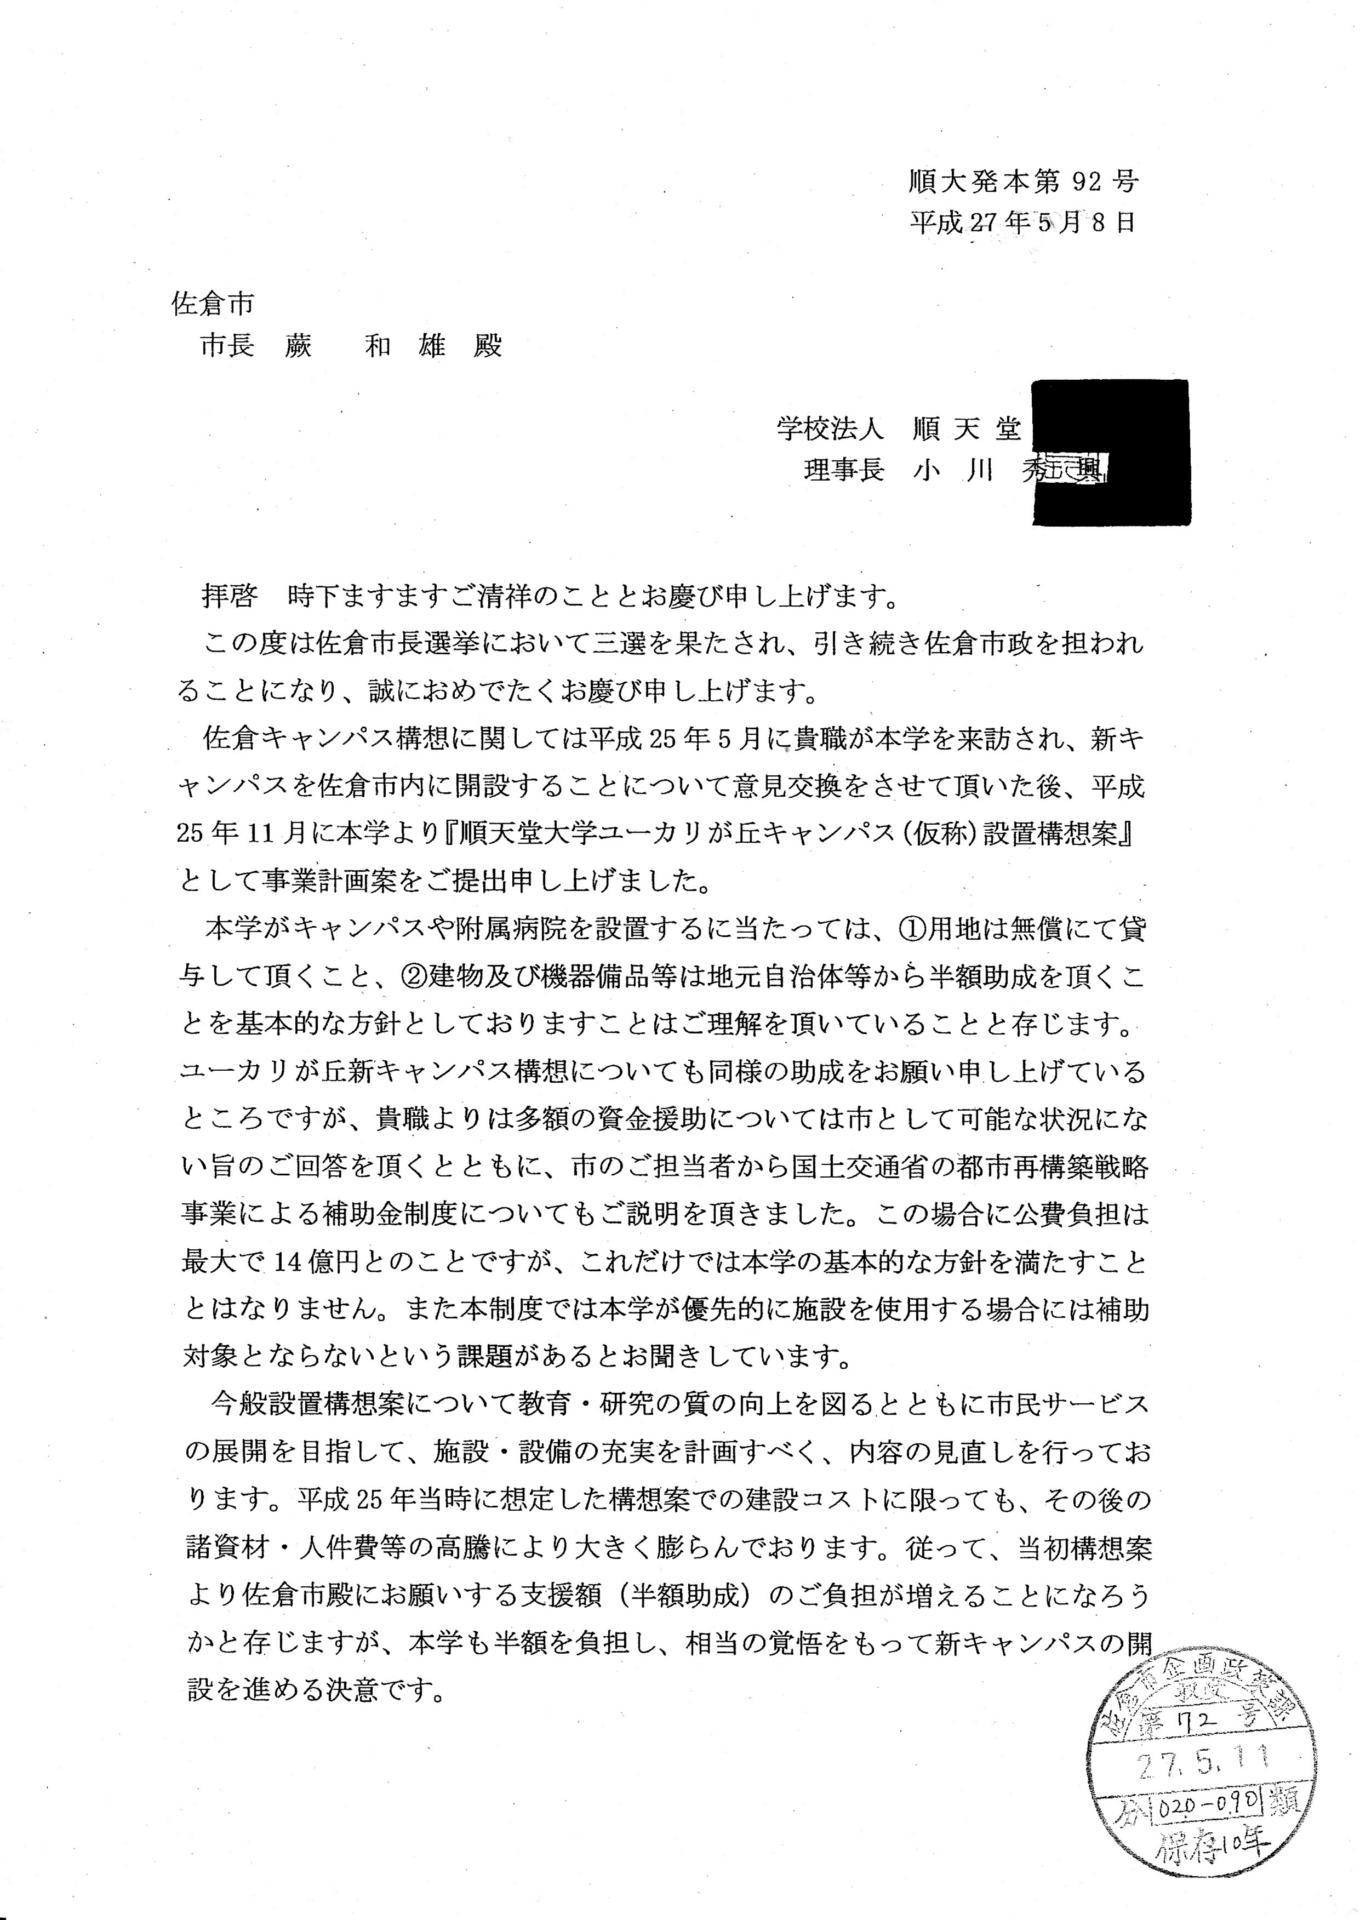 学校法人順天堂からの公文書 5/8...